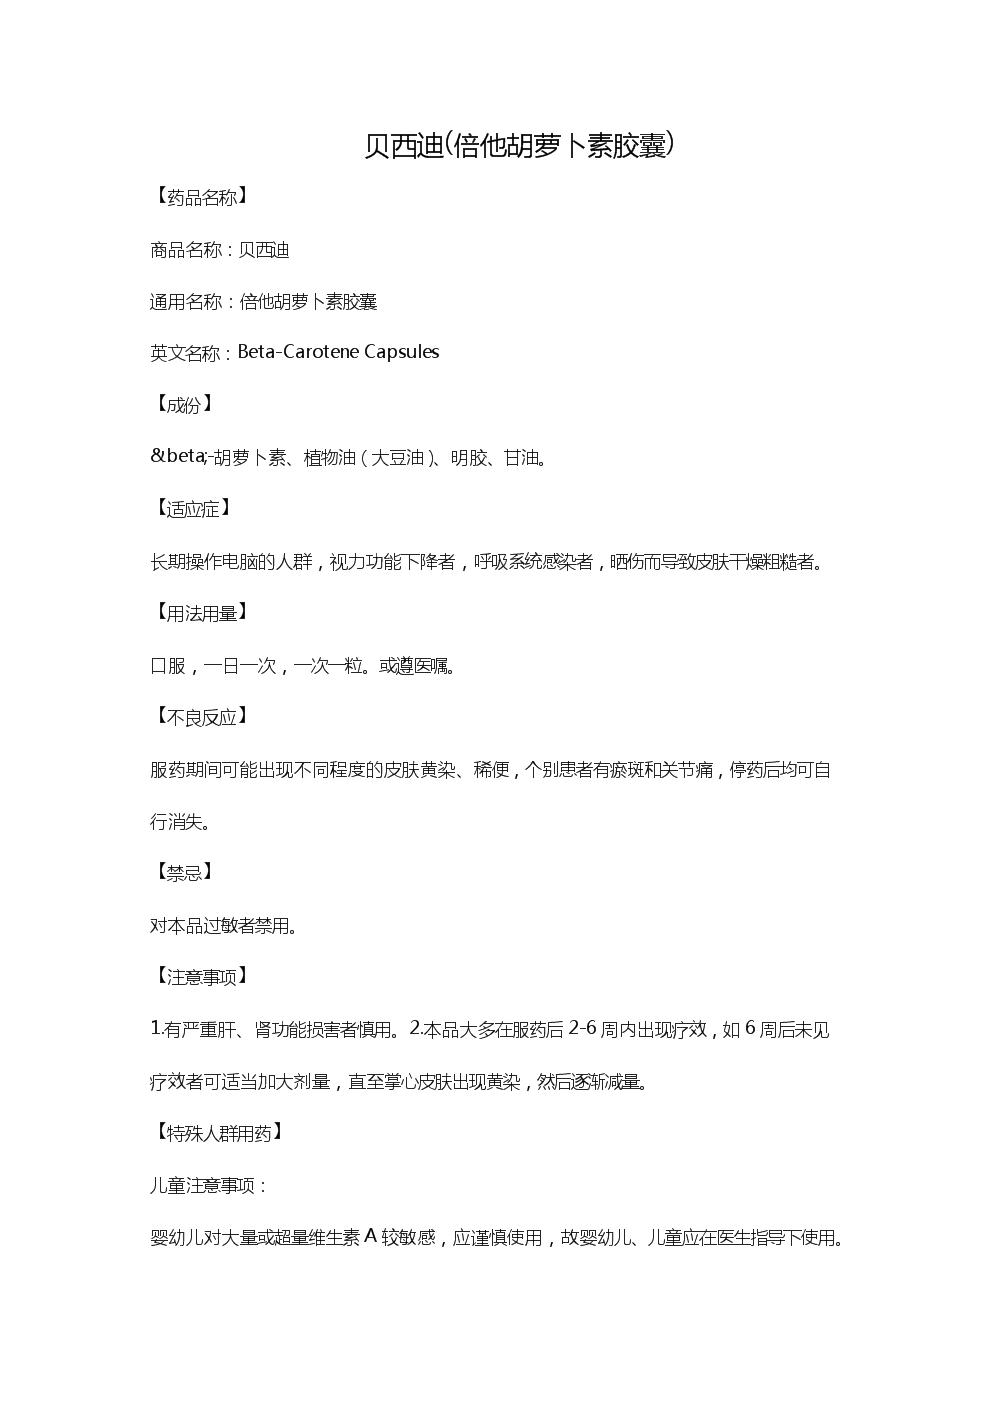 贝西迪(倍他胡萝卜素胶囊).doc